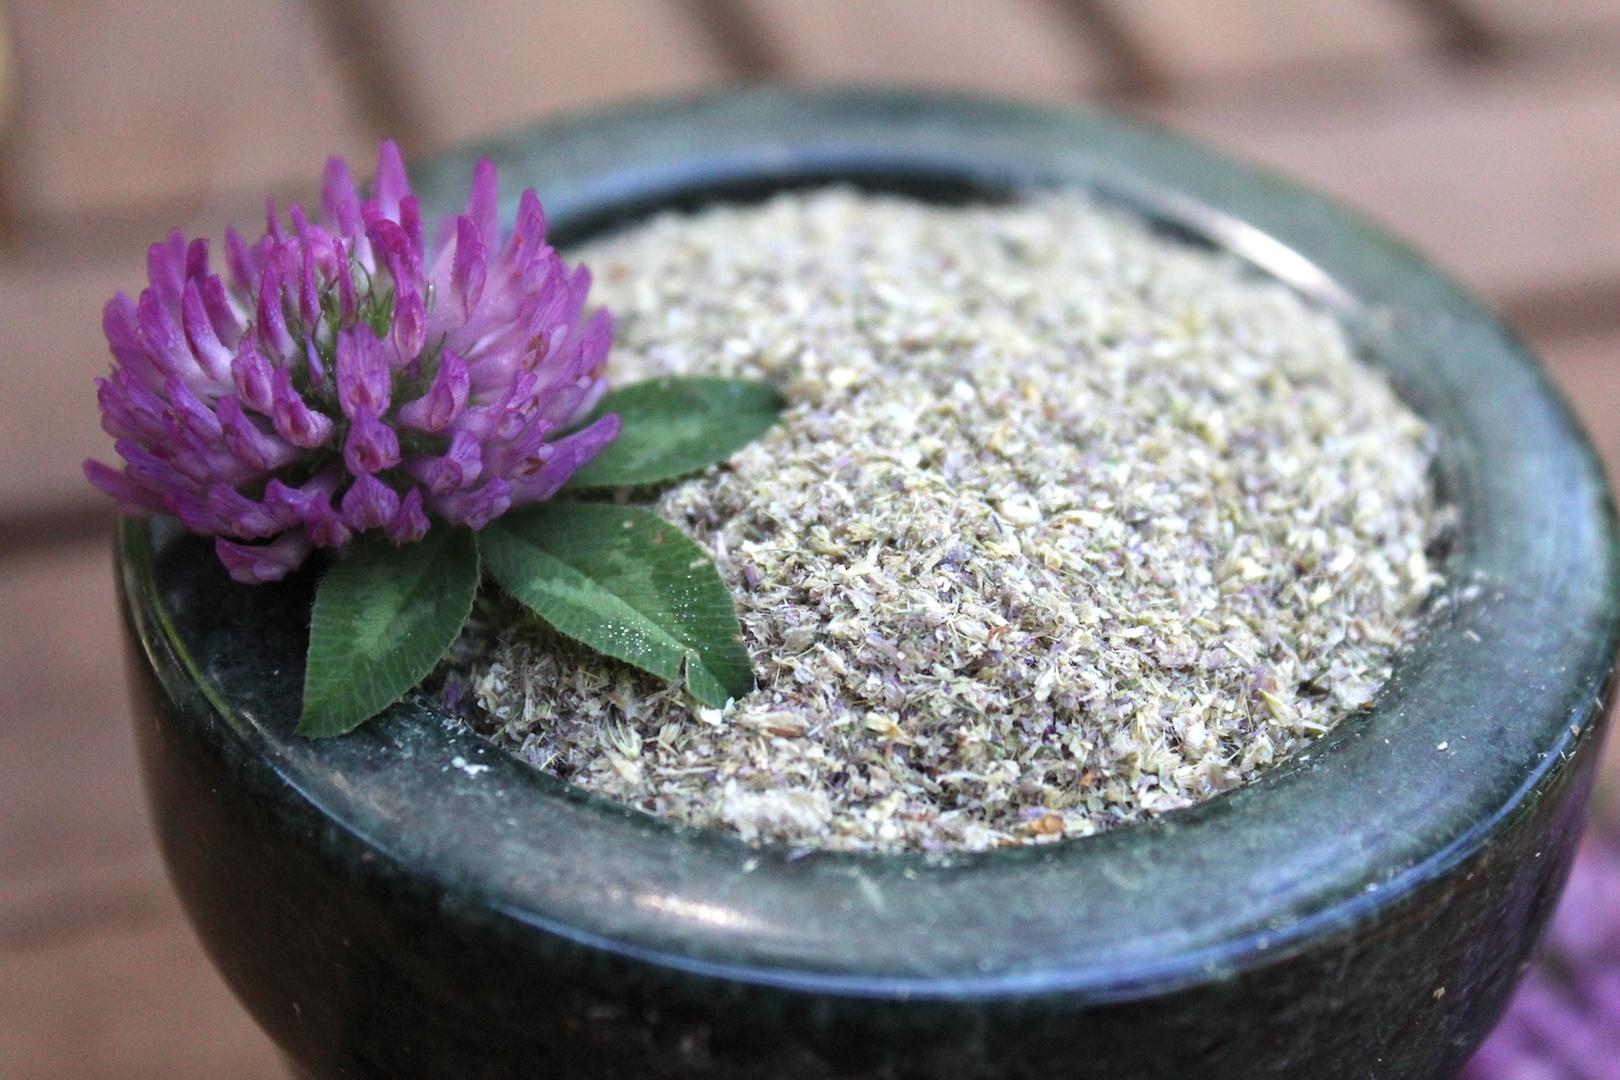 Clover Blossom Flour